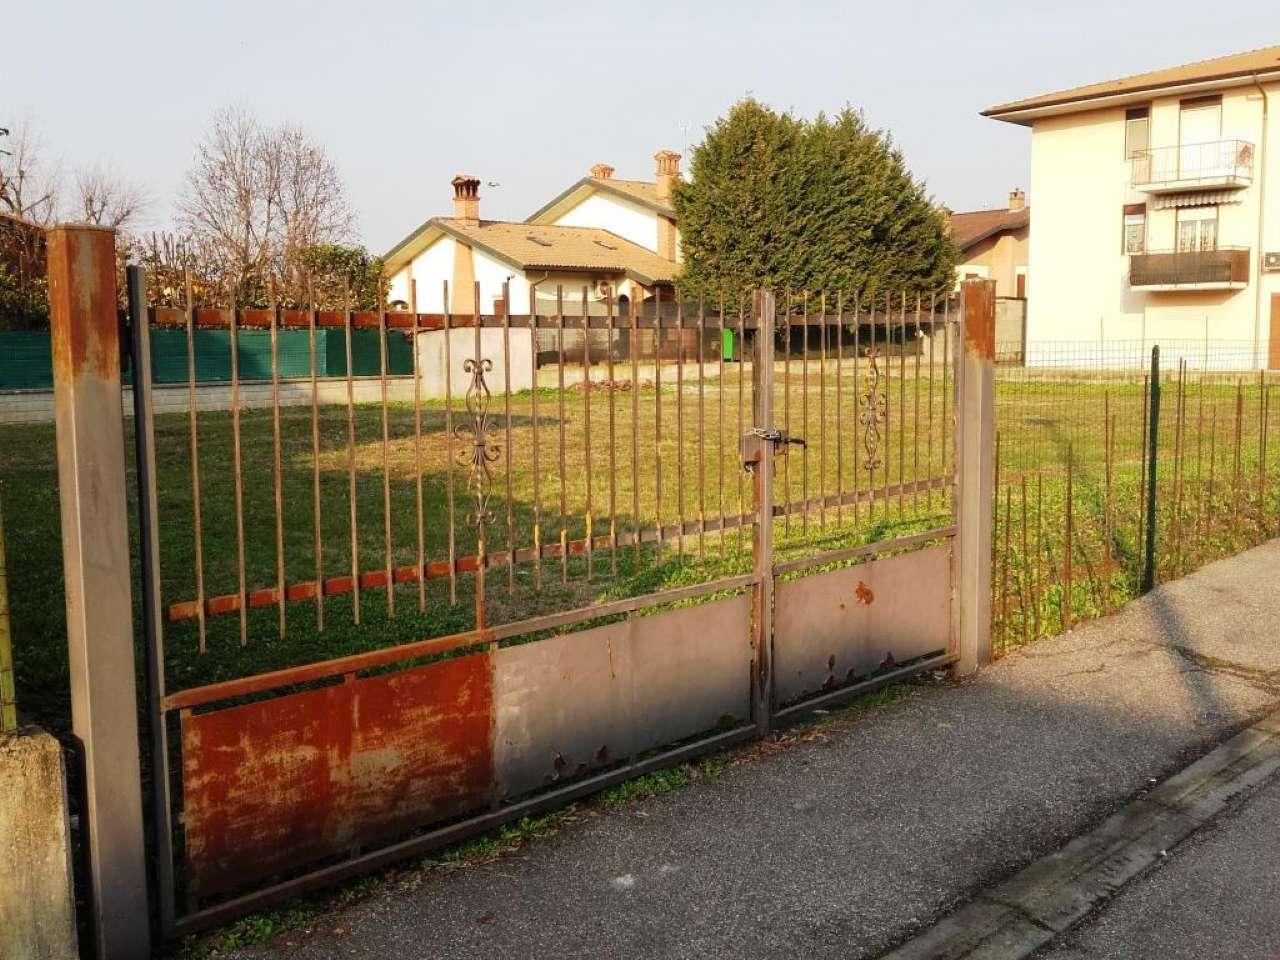 Terreno residenziale in Vendita a Sant'Alessio Con Vialone: 800 mq